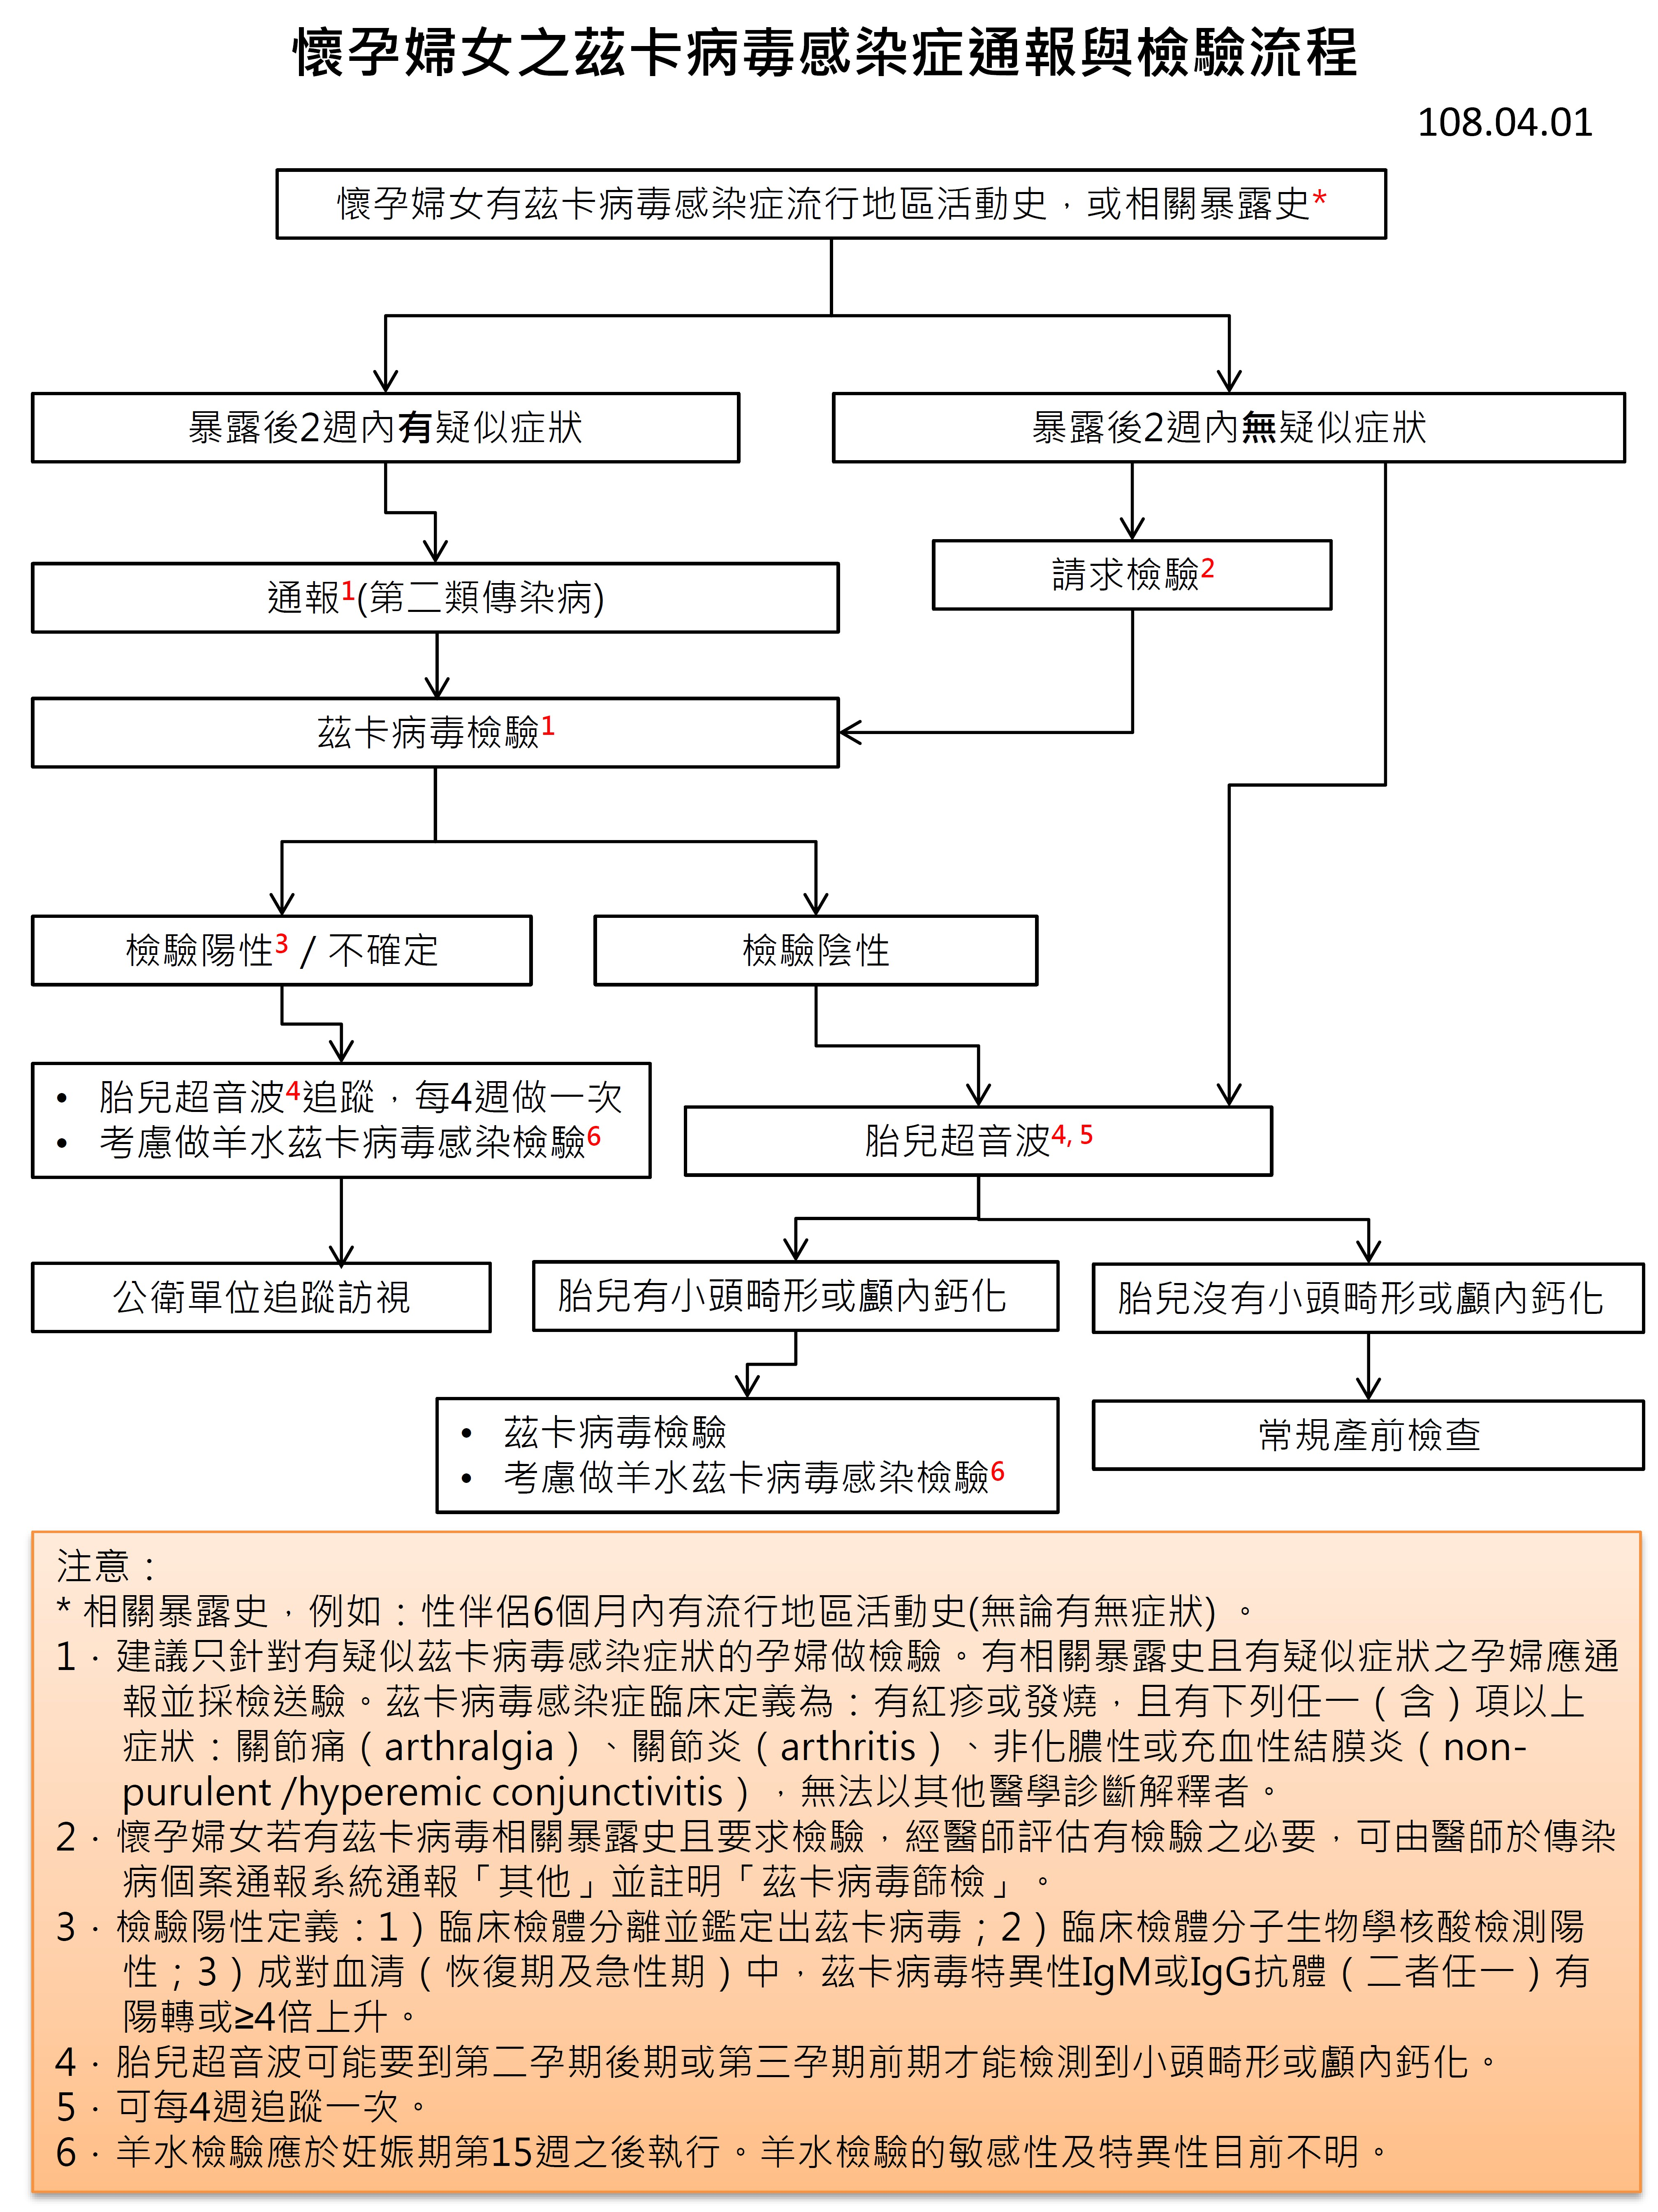 懷孕婦女之茲卡病毒感染症通報與檢驗流程,詳細說明如附件PDF檔